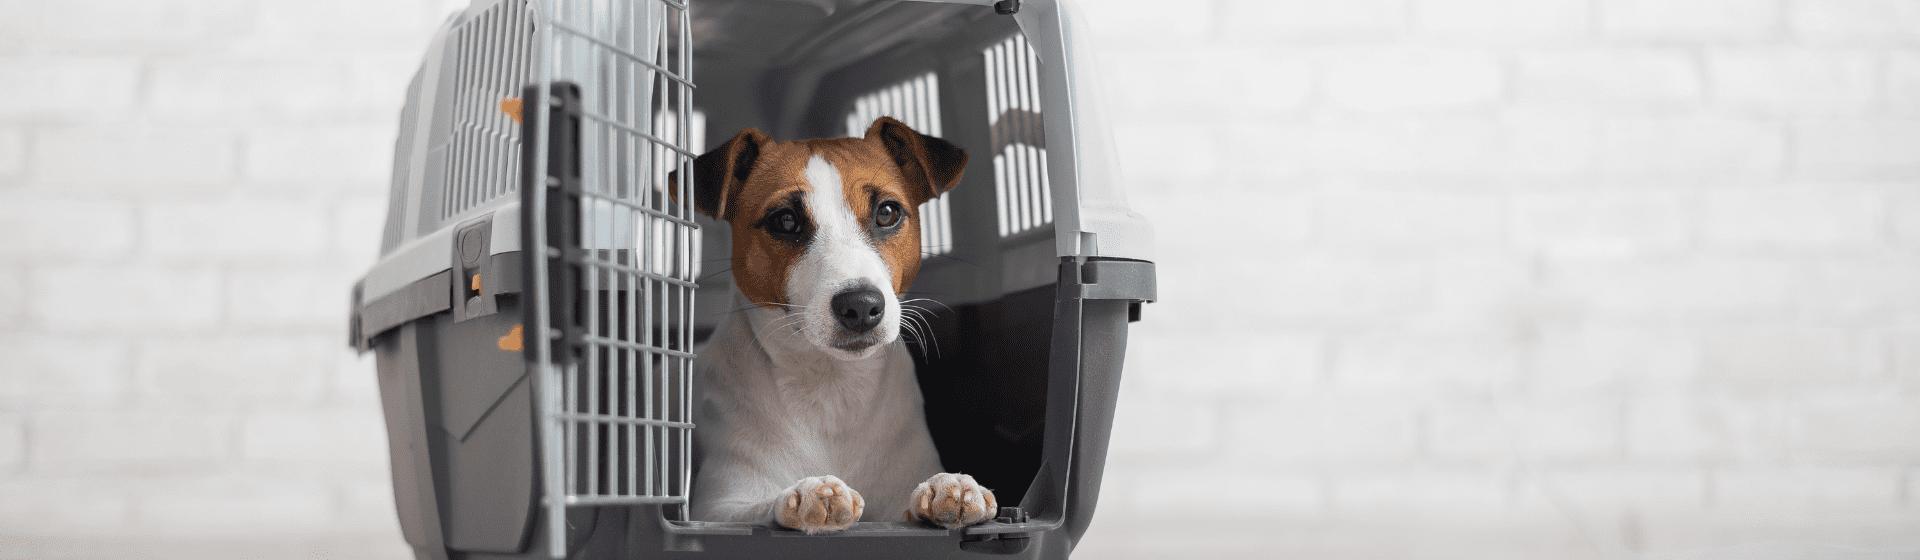 Caixa de transporte para cachorro:  como escolher a melhor para cães?